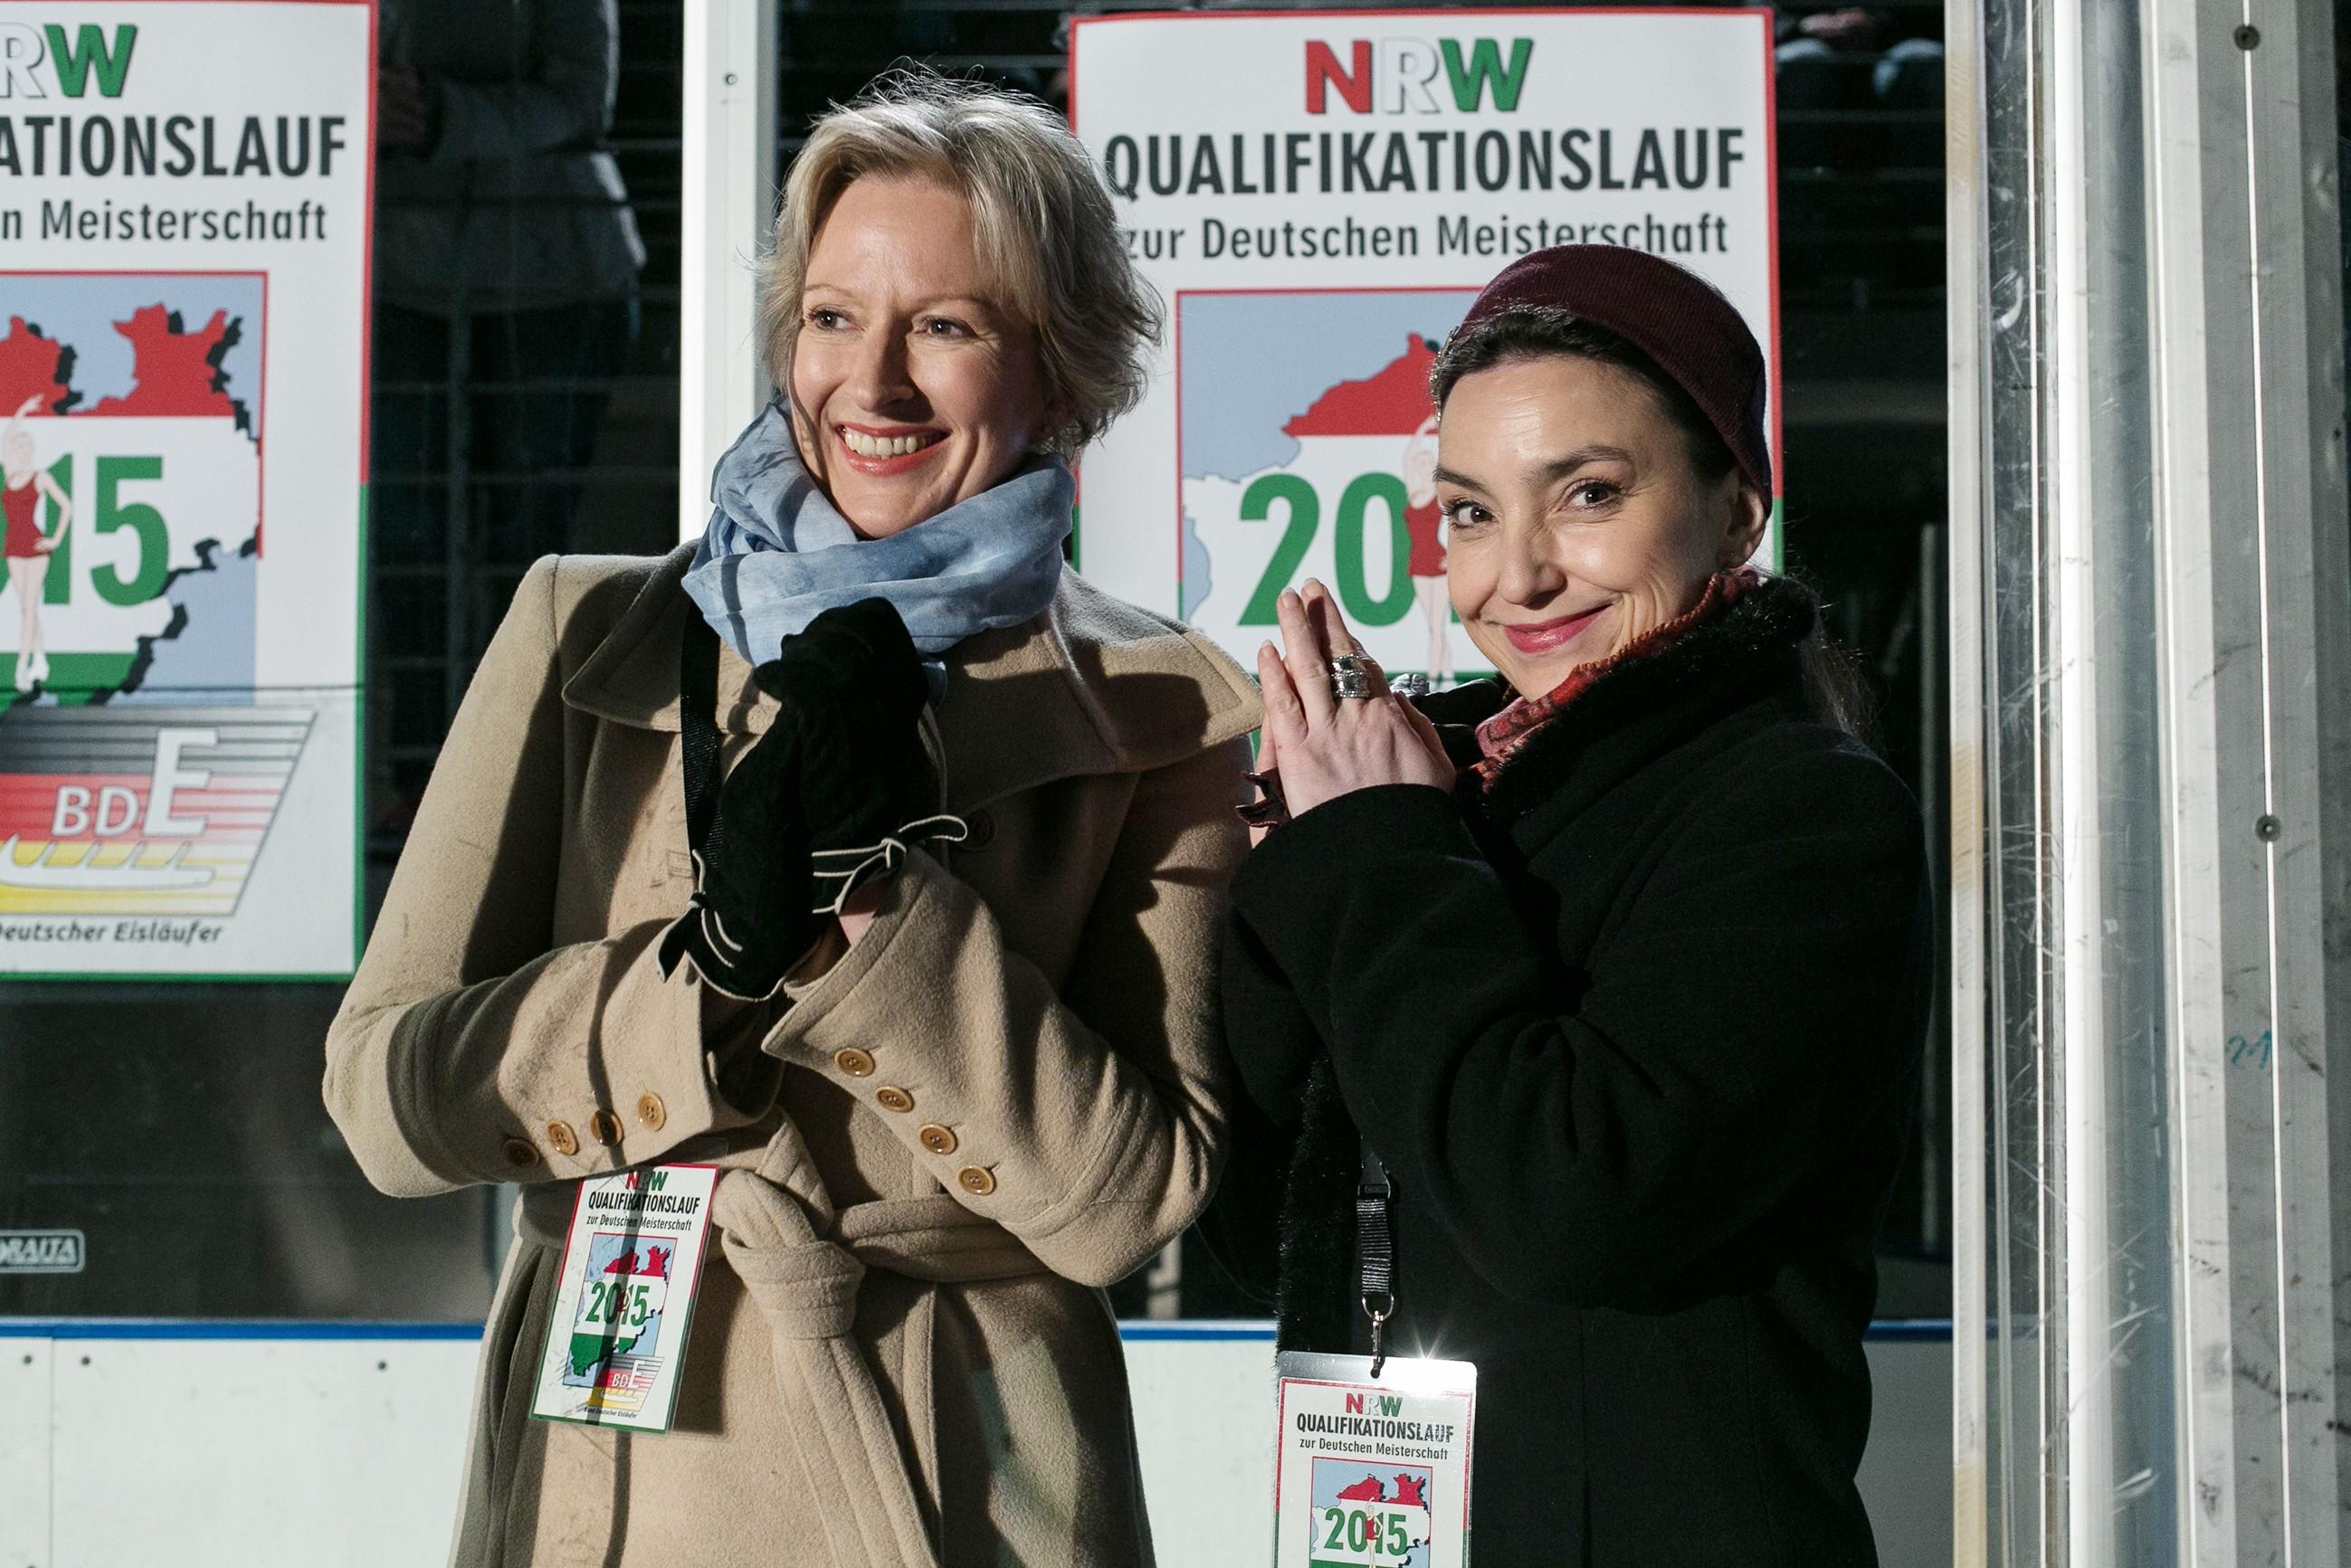 Trainerin Caroline (Olivia Augustinski, l.) und Simone (Tatjana Clasing) sehen eine fehlerfreie Kür von Marie auf dem Eis und applaudieren. (Quelle: RTL / Kai Schulz)